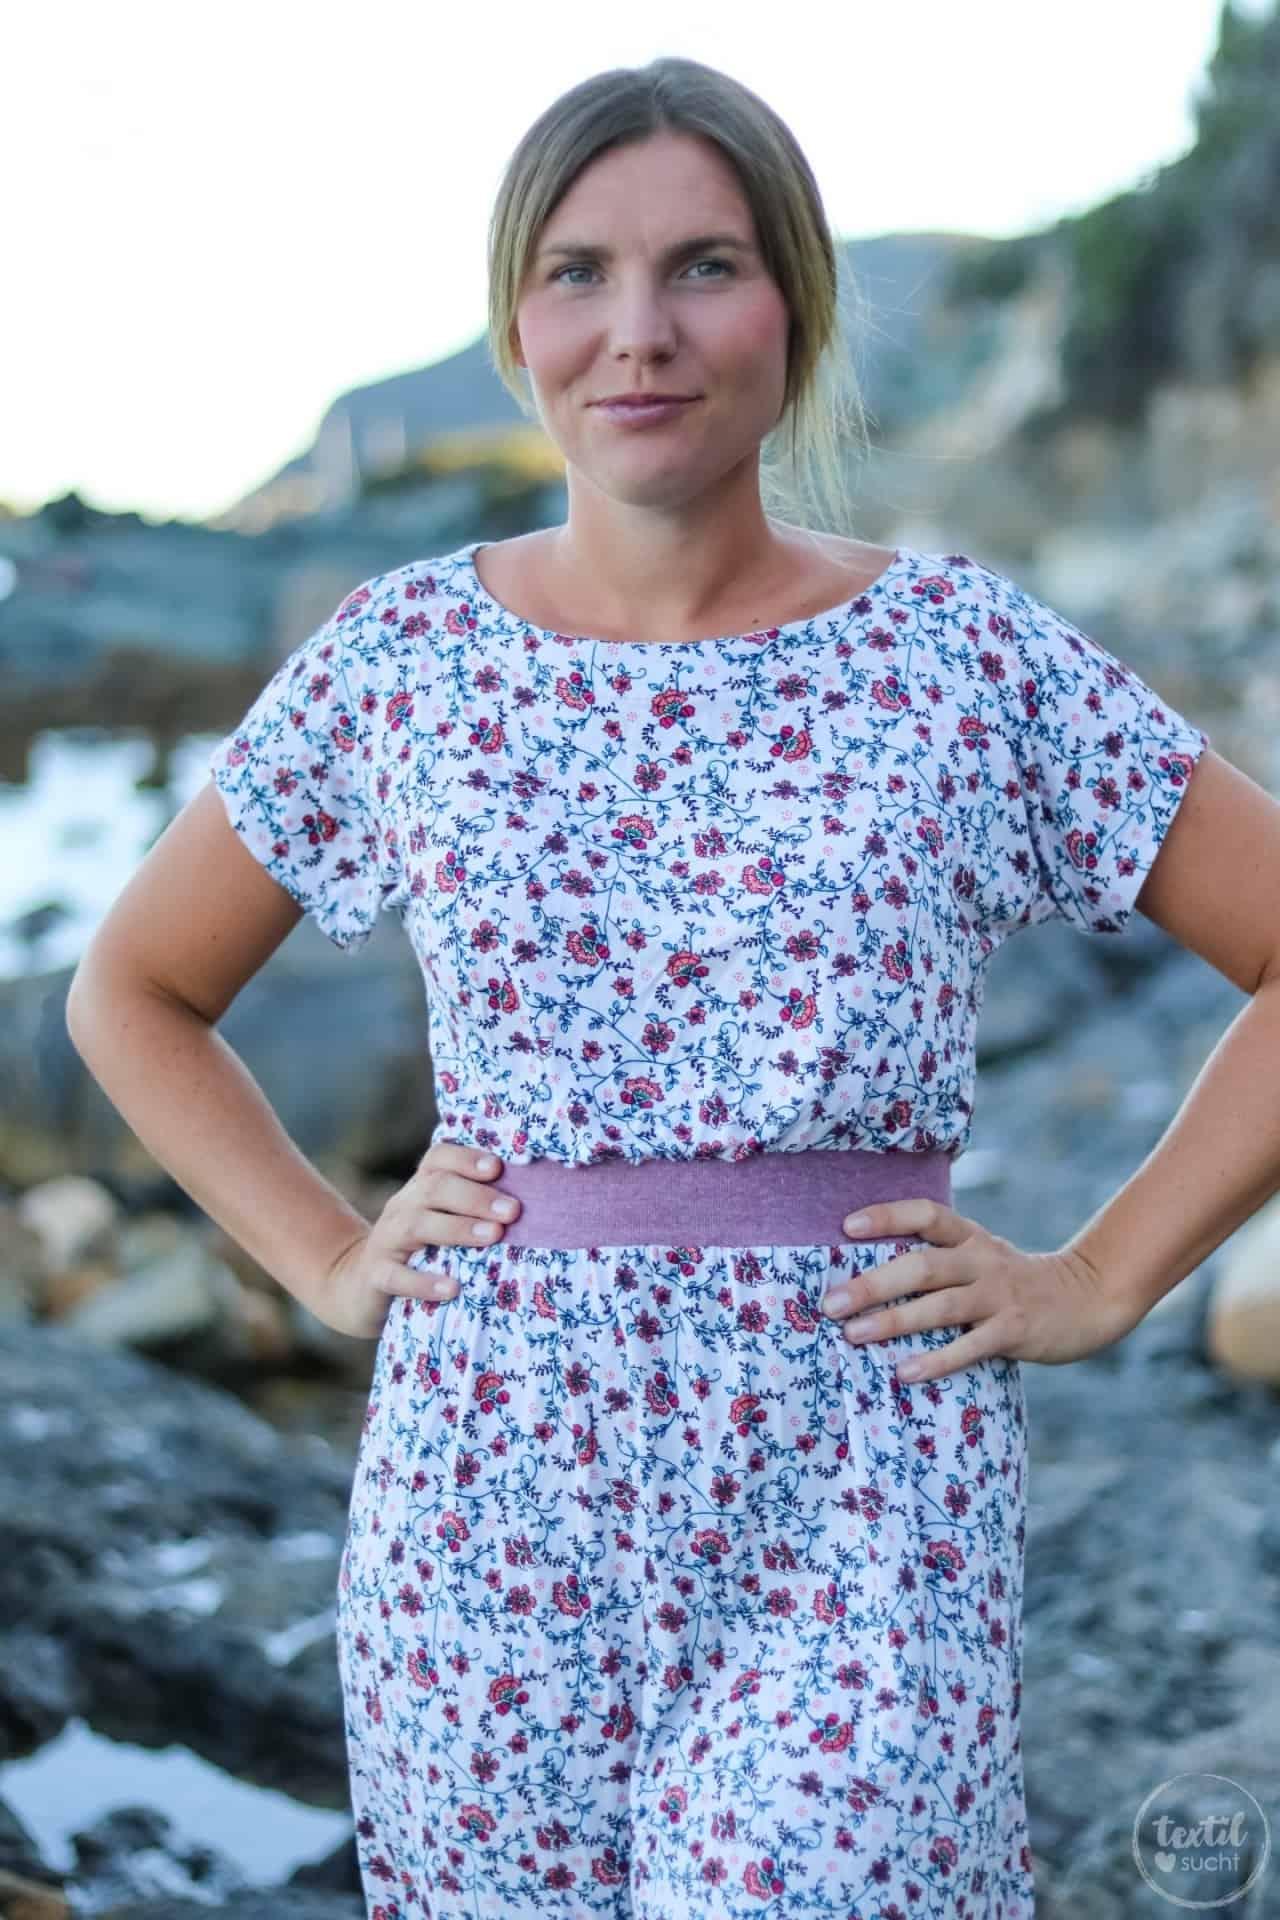 Mein neues Lieblings-Sommerkleid mit Blumenmuster - Bild 9 | textilsucht.de